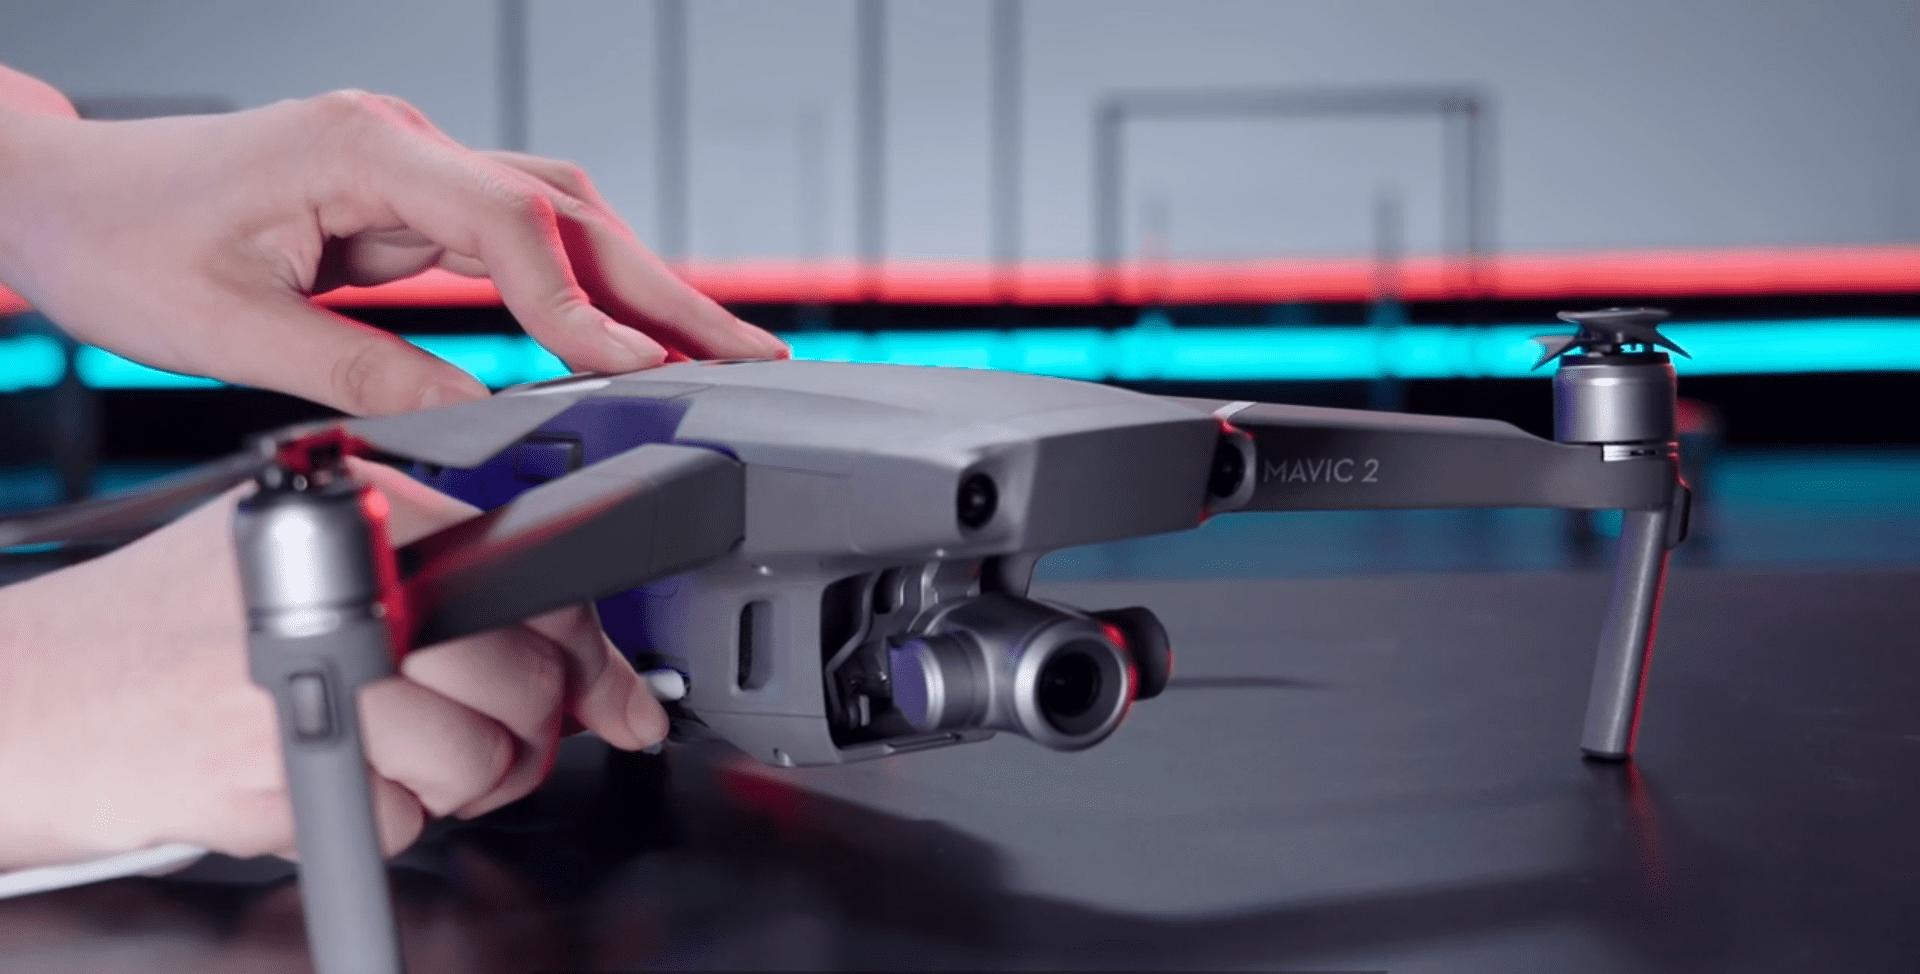 Come aggiornare il firmware del drone Dji Mavic 2 | Drone